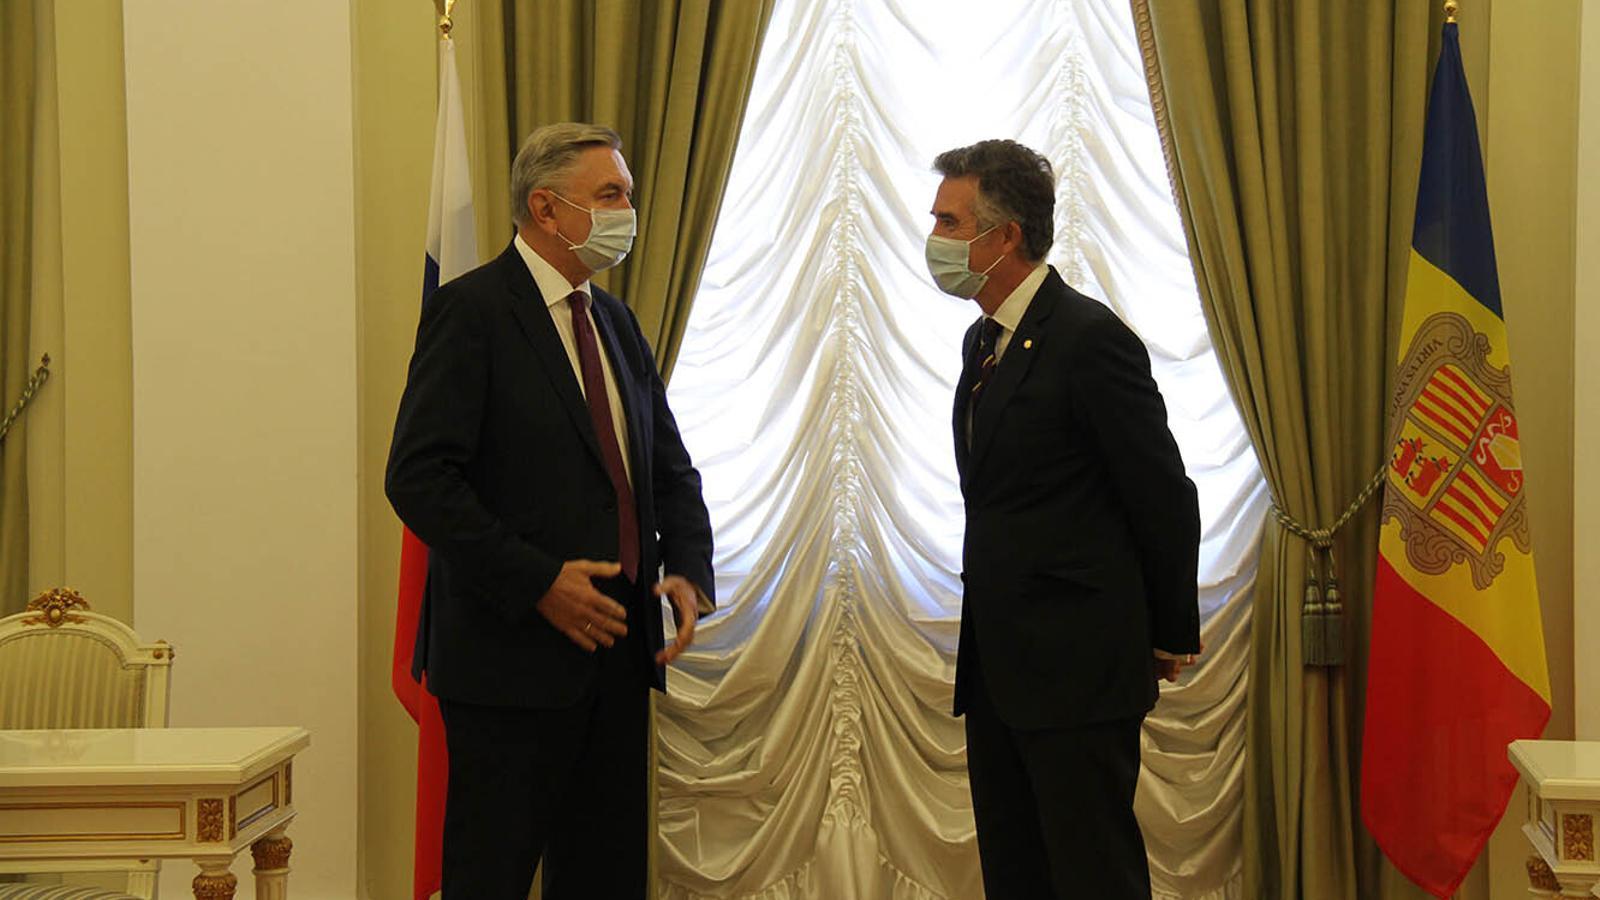 L'ambaixador d'Andorra a Espanya, Vicenç Mateu, i el seu homòleg rus, Yuri Korchagin. / SFG